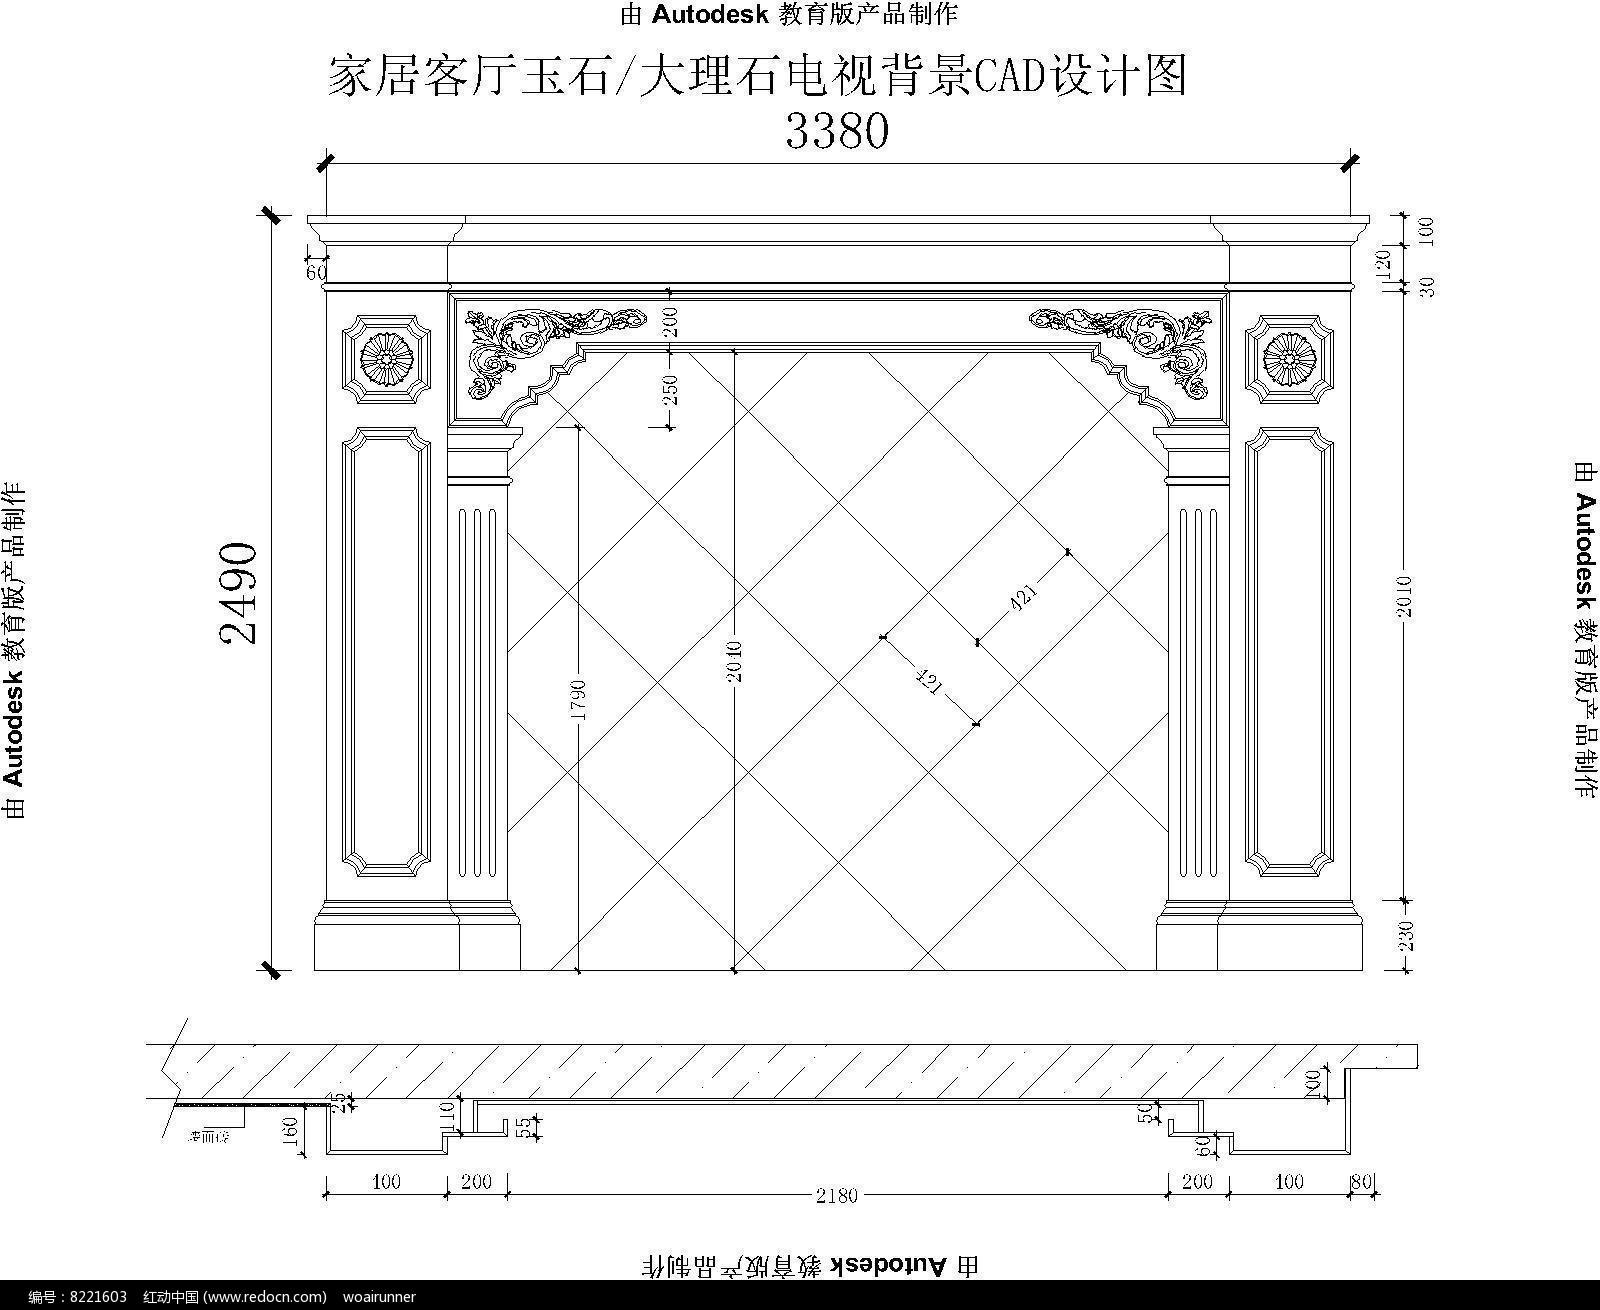 欧式罗马柱子加欧式雕花高端电视背景墙cad设计图纸图片